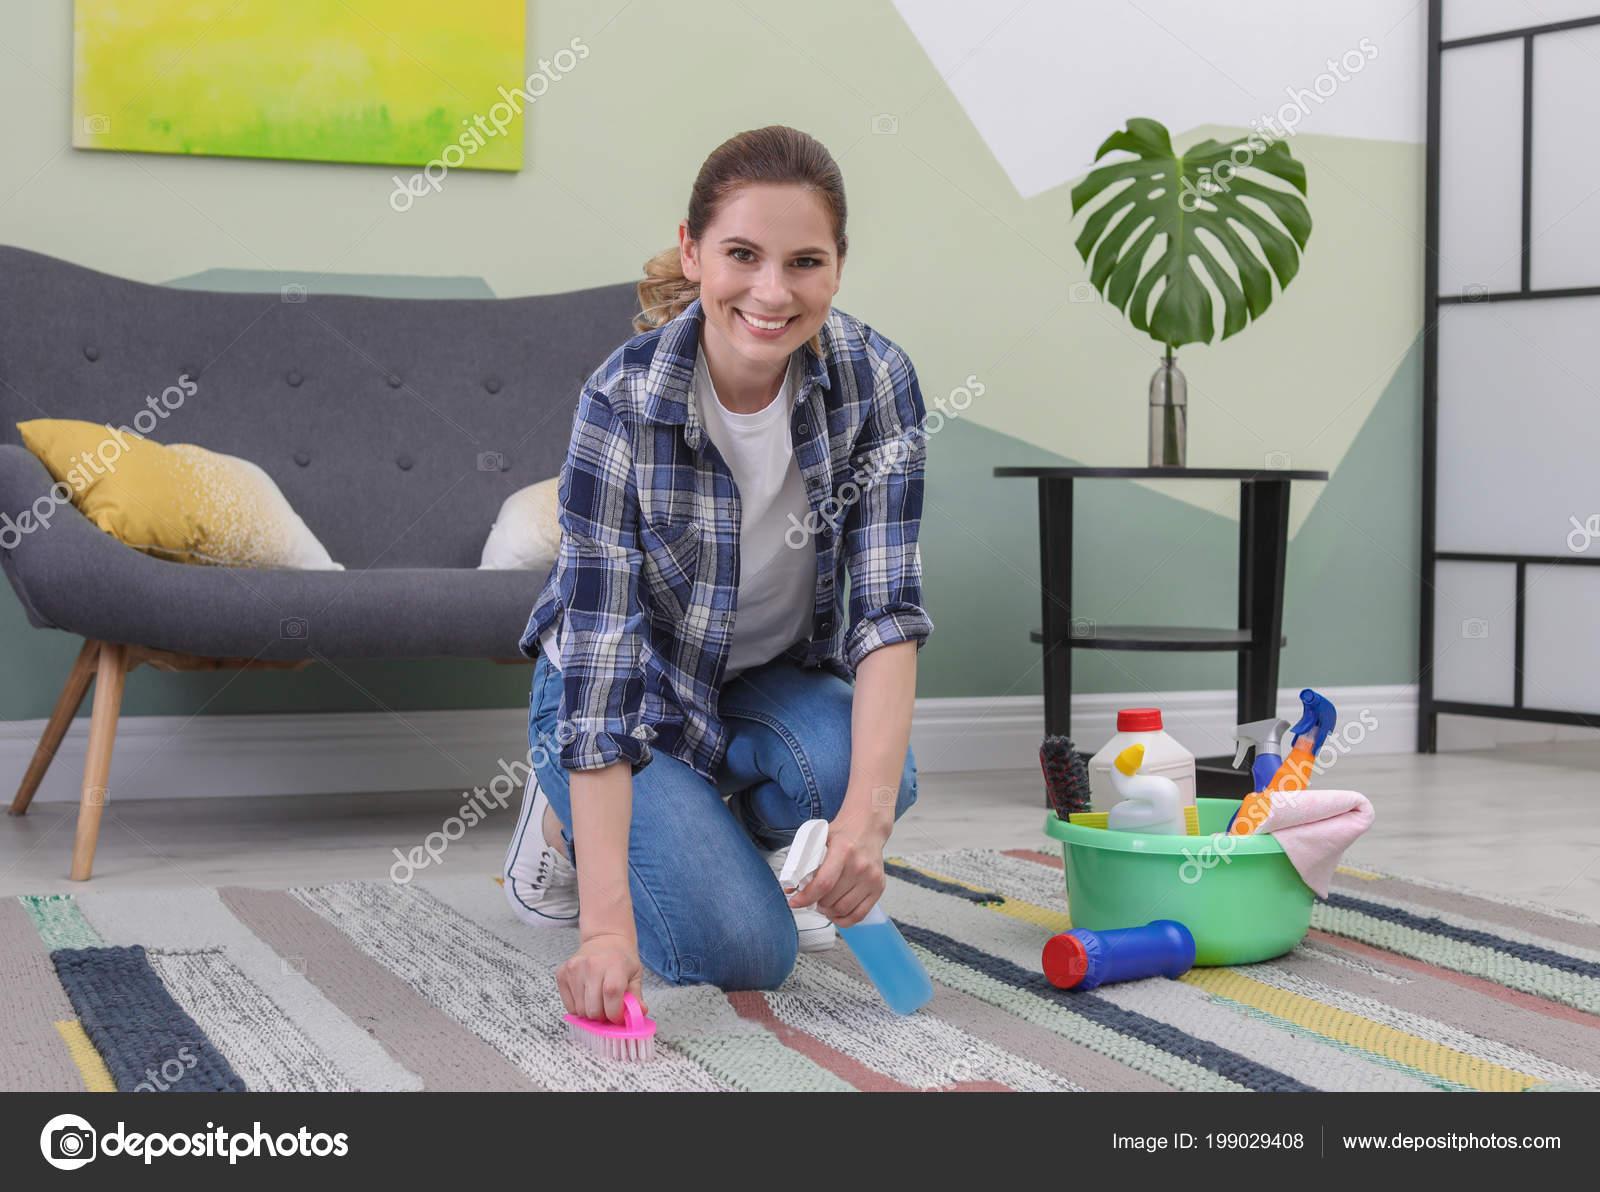 Mujer limpieza alfombras con cepillo casa fotos de stock liudmilachernetska 199029408 - Limpieza de alfombras en casa ...